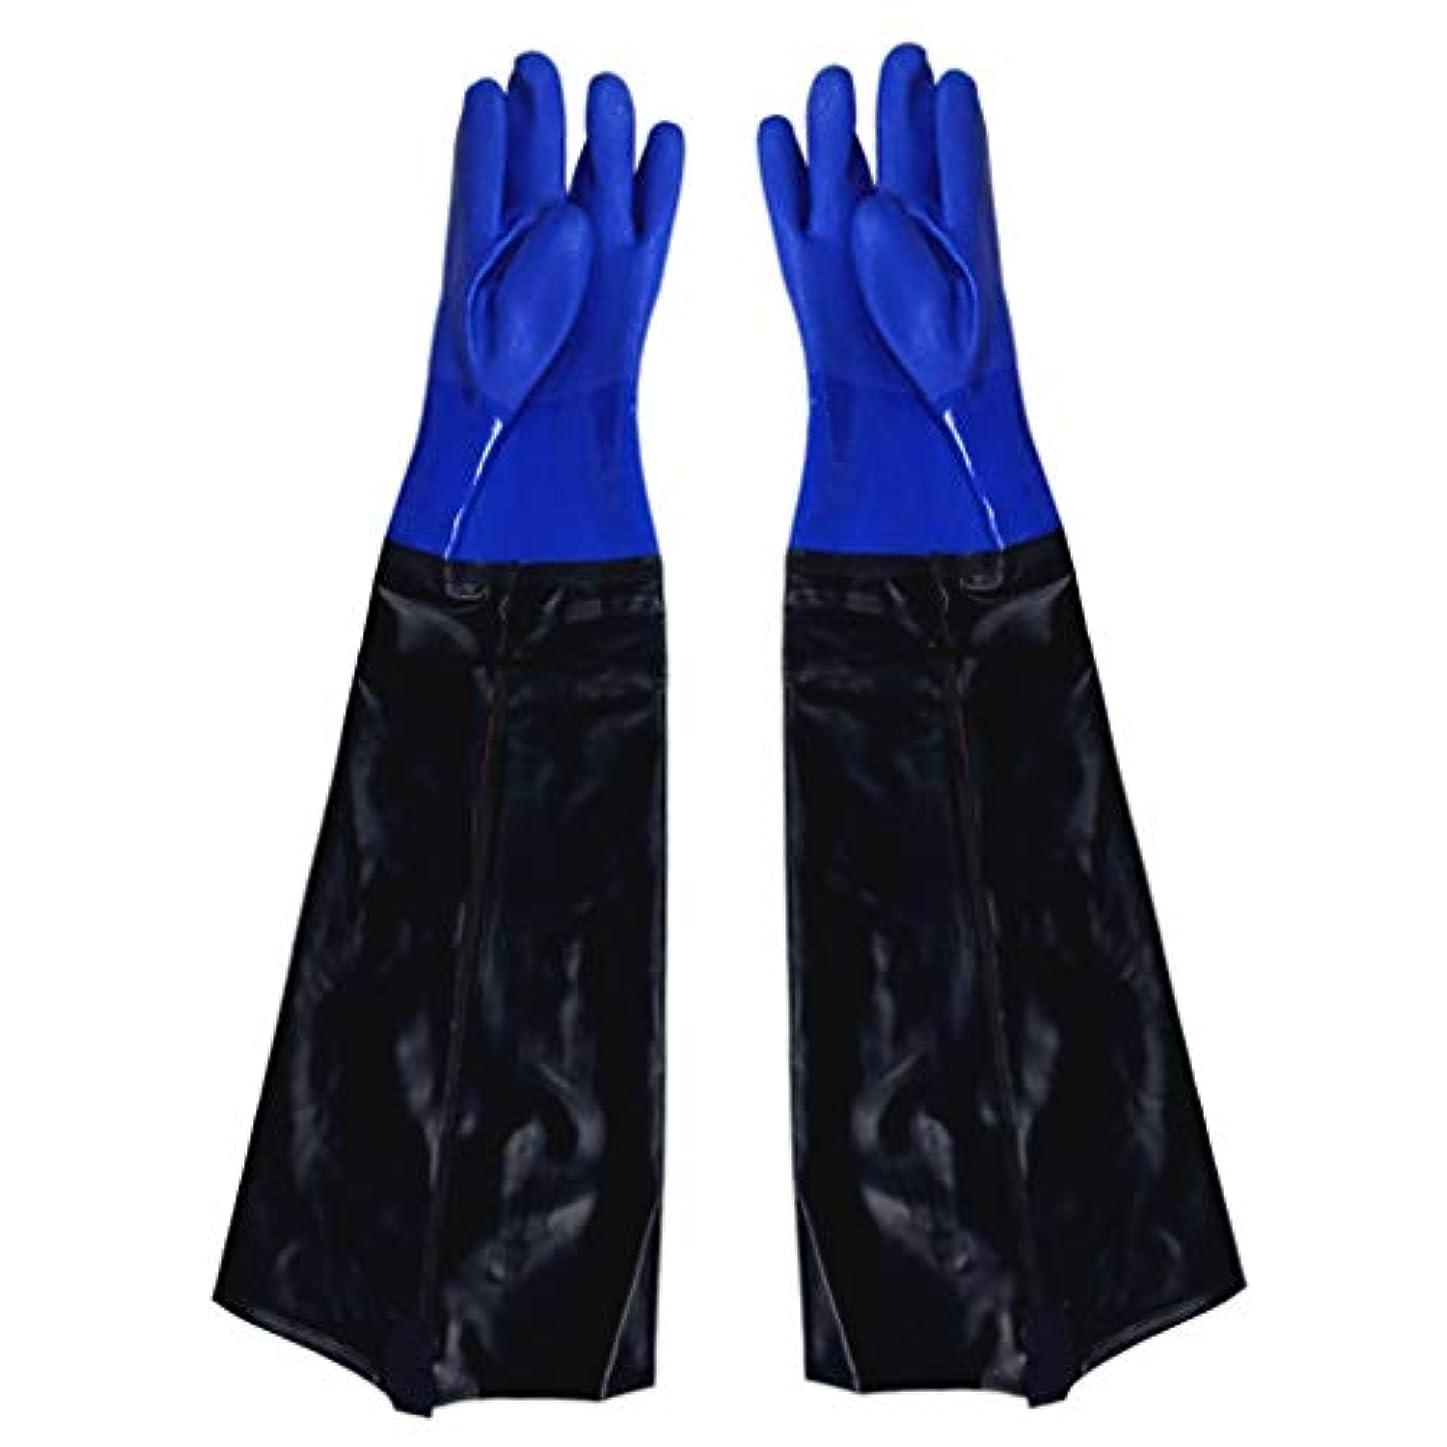 東方なるウォルターカニンガムゴム手袋 - 漁業に強い耐久性のある酸とアルカリを広げることを長くすること